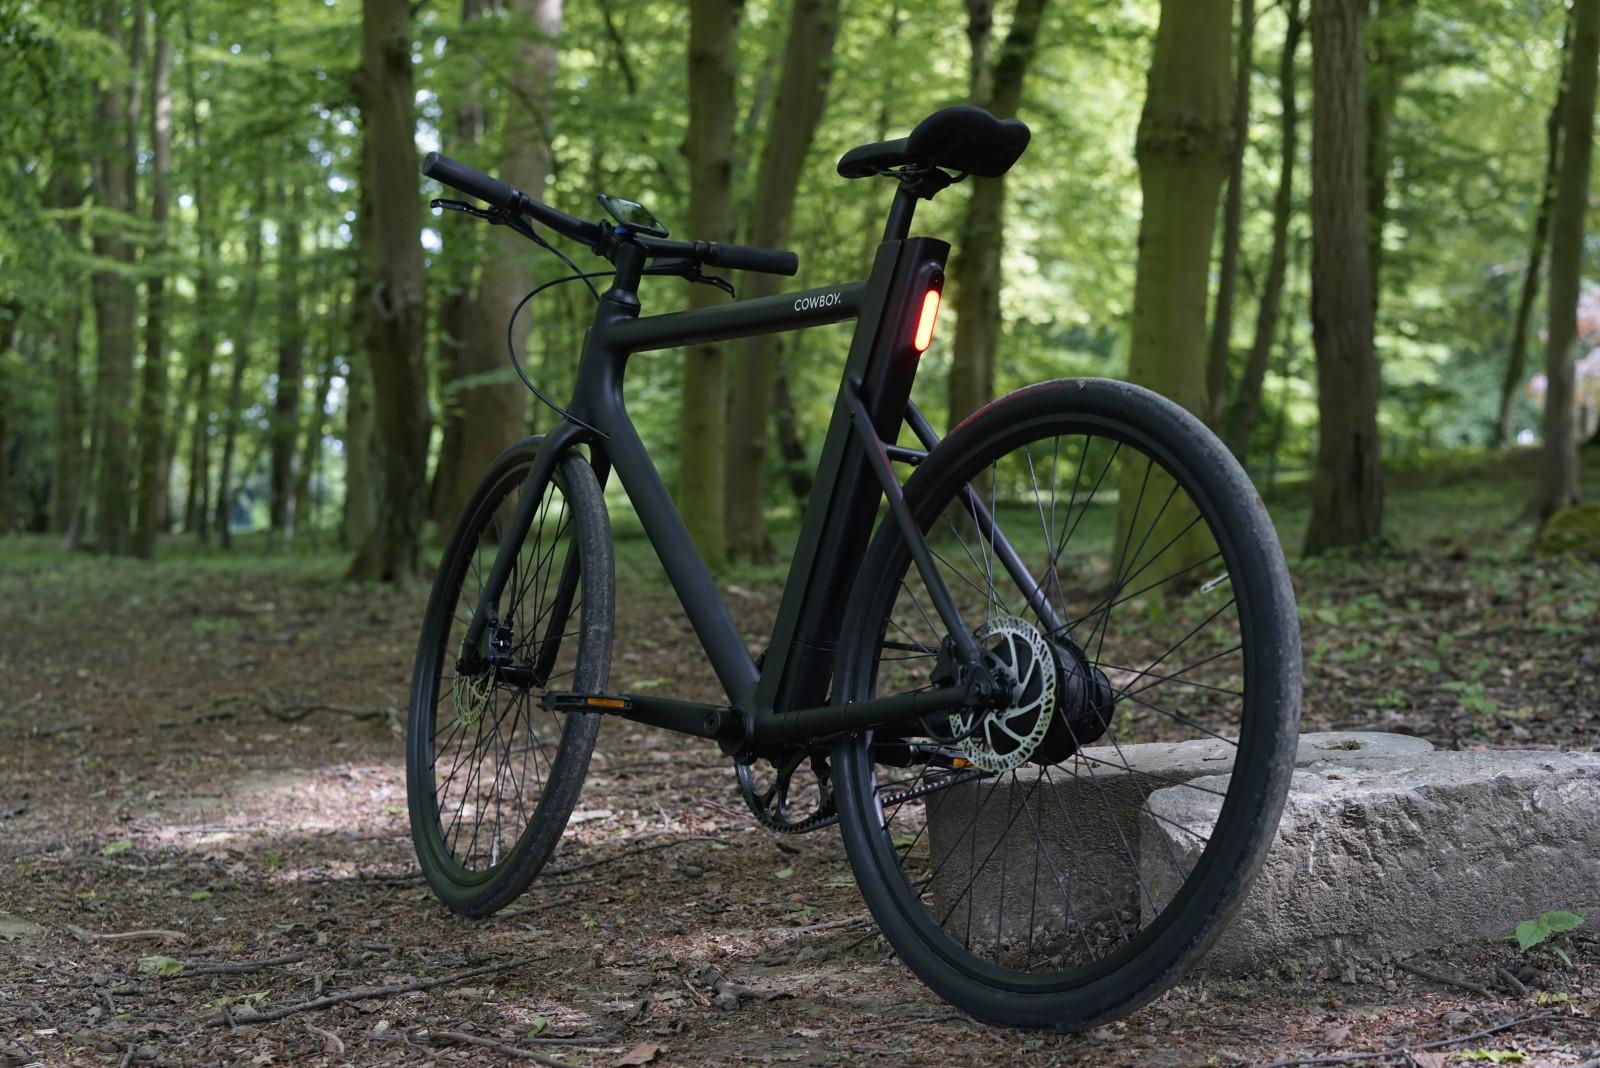 Vélo électrique Cowboy: son app propose des trajets plus sains basés sur la qualité de l'air